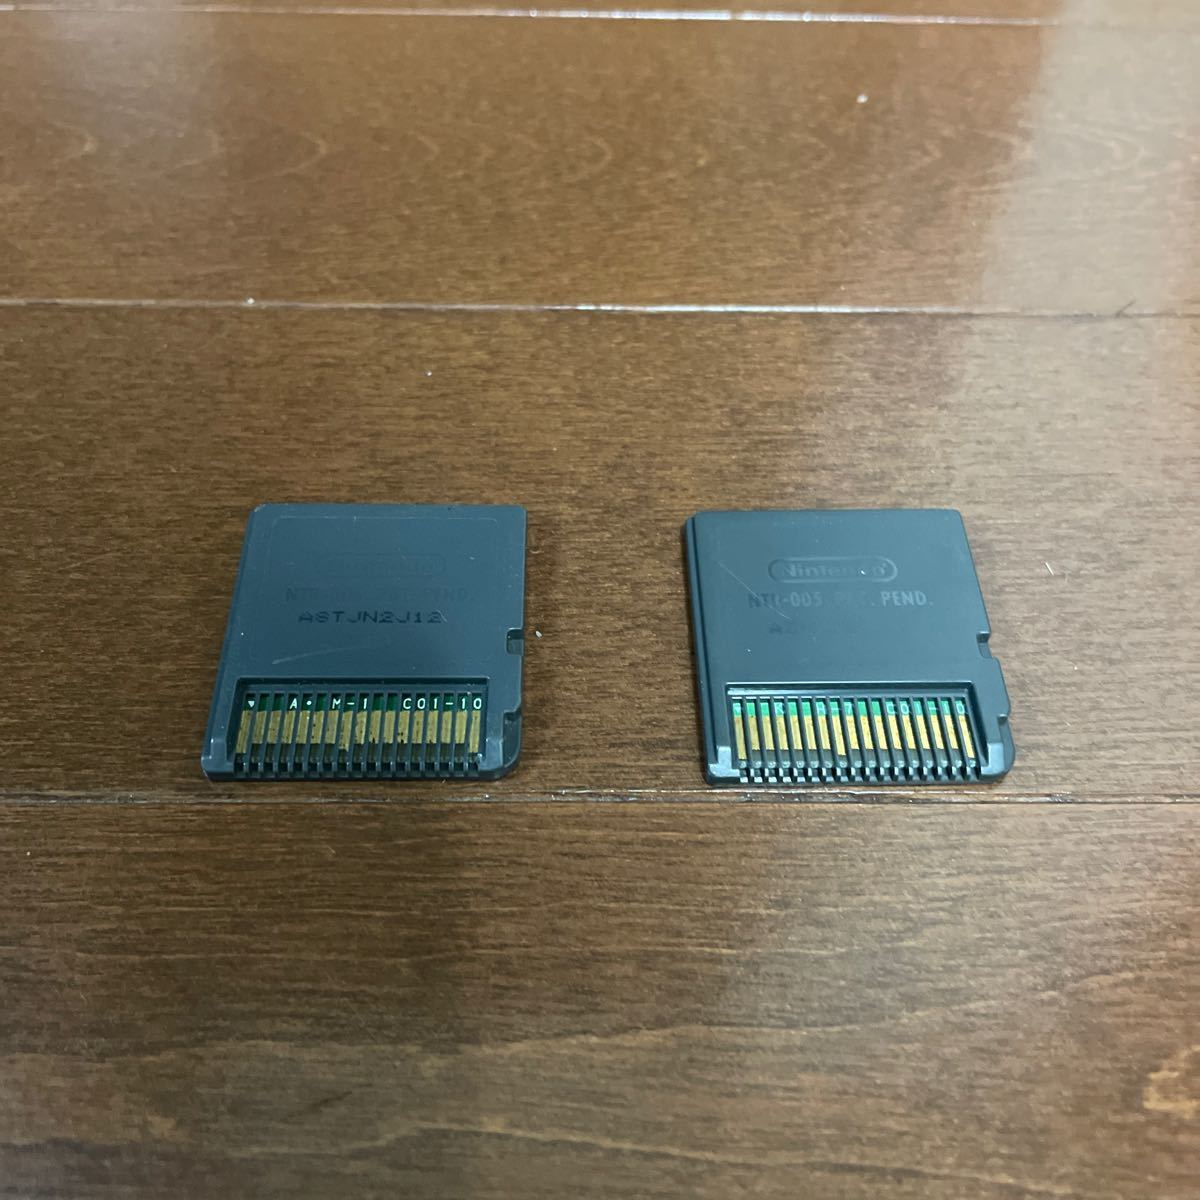 ニンテンドーDSソフト マリオパーティーDSとさわるメイドインワリオ2本セット